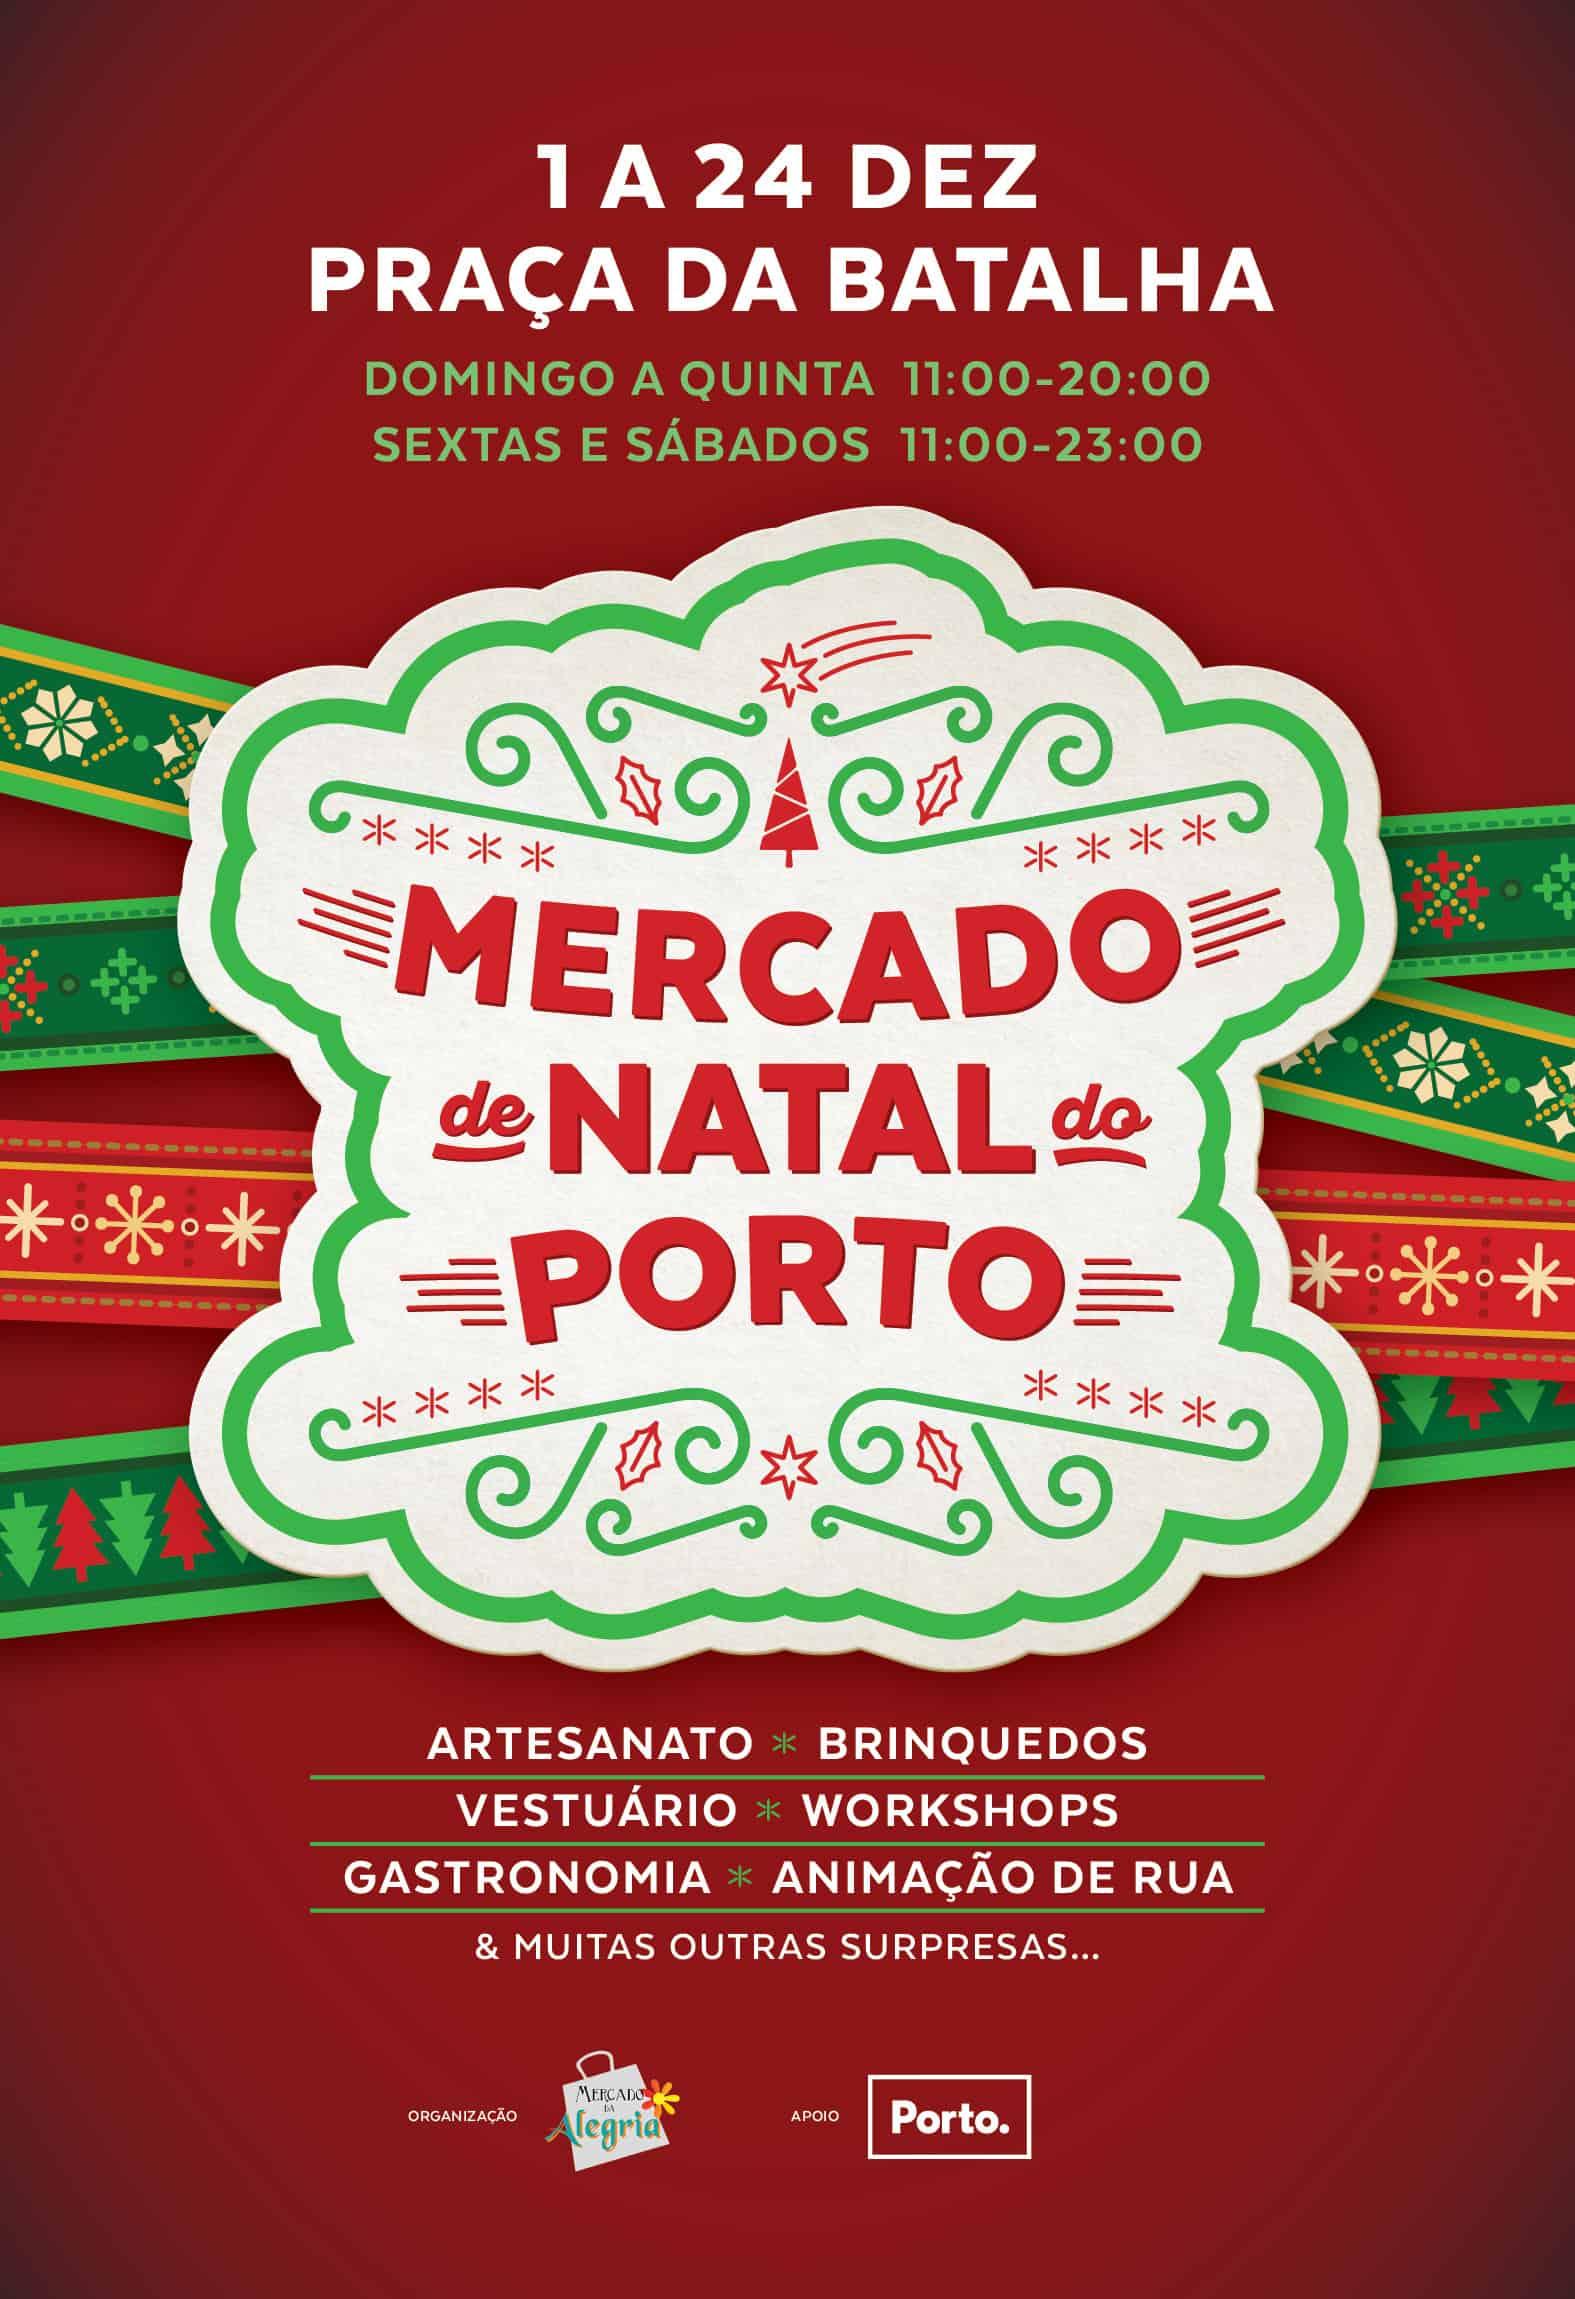 MERCADO DE NATAL 2018 | PRAÇA DA BATALHA – PORTO